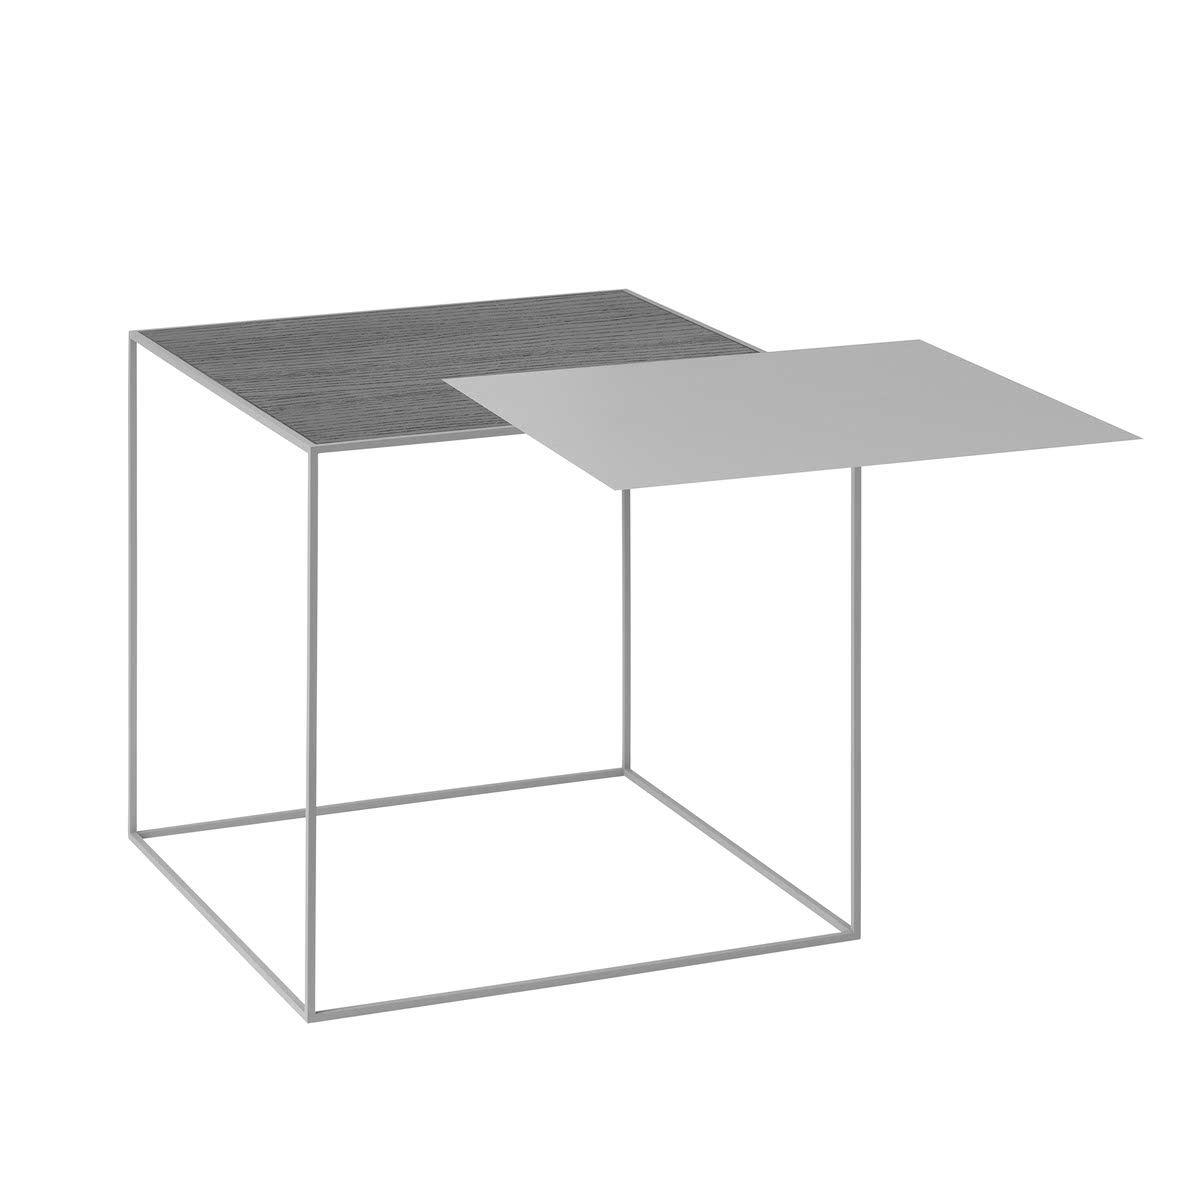 by Lassen - Twin 42 Beistelltisch, grauer Rahmen, schwarze Esche ...